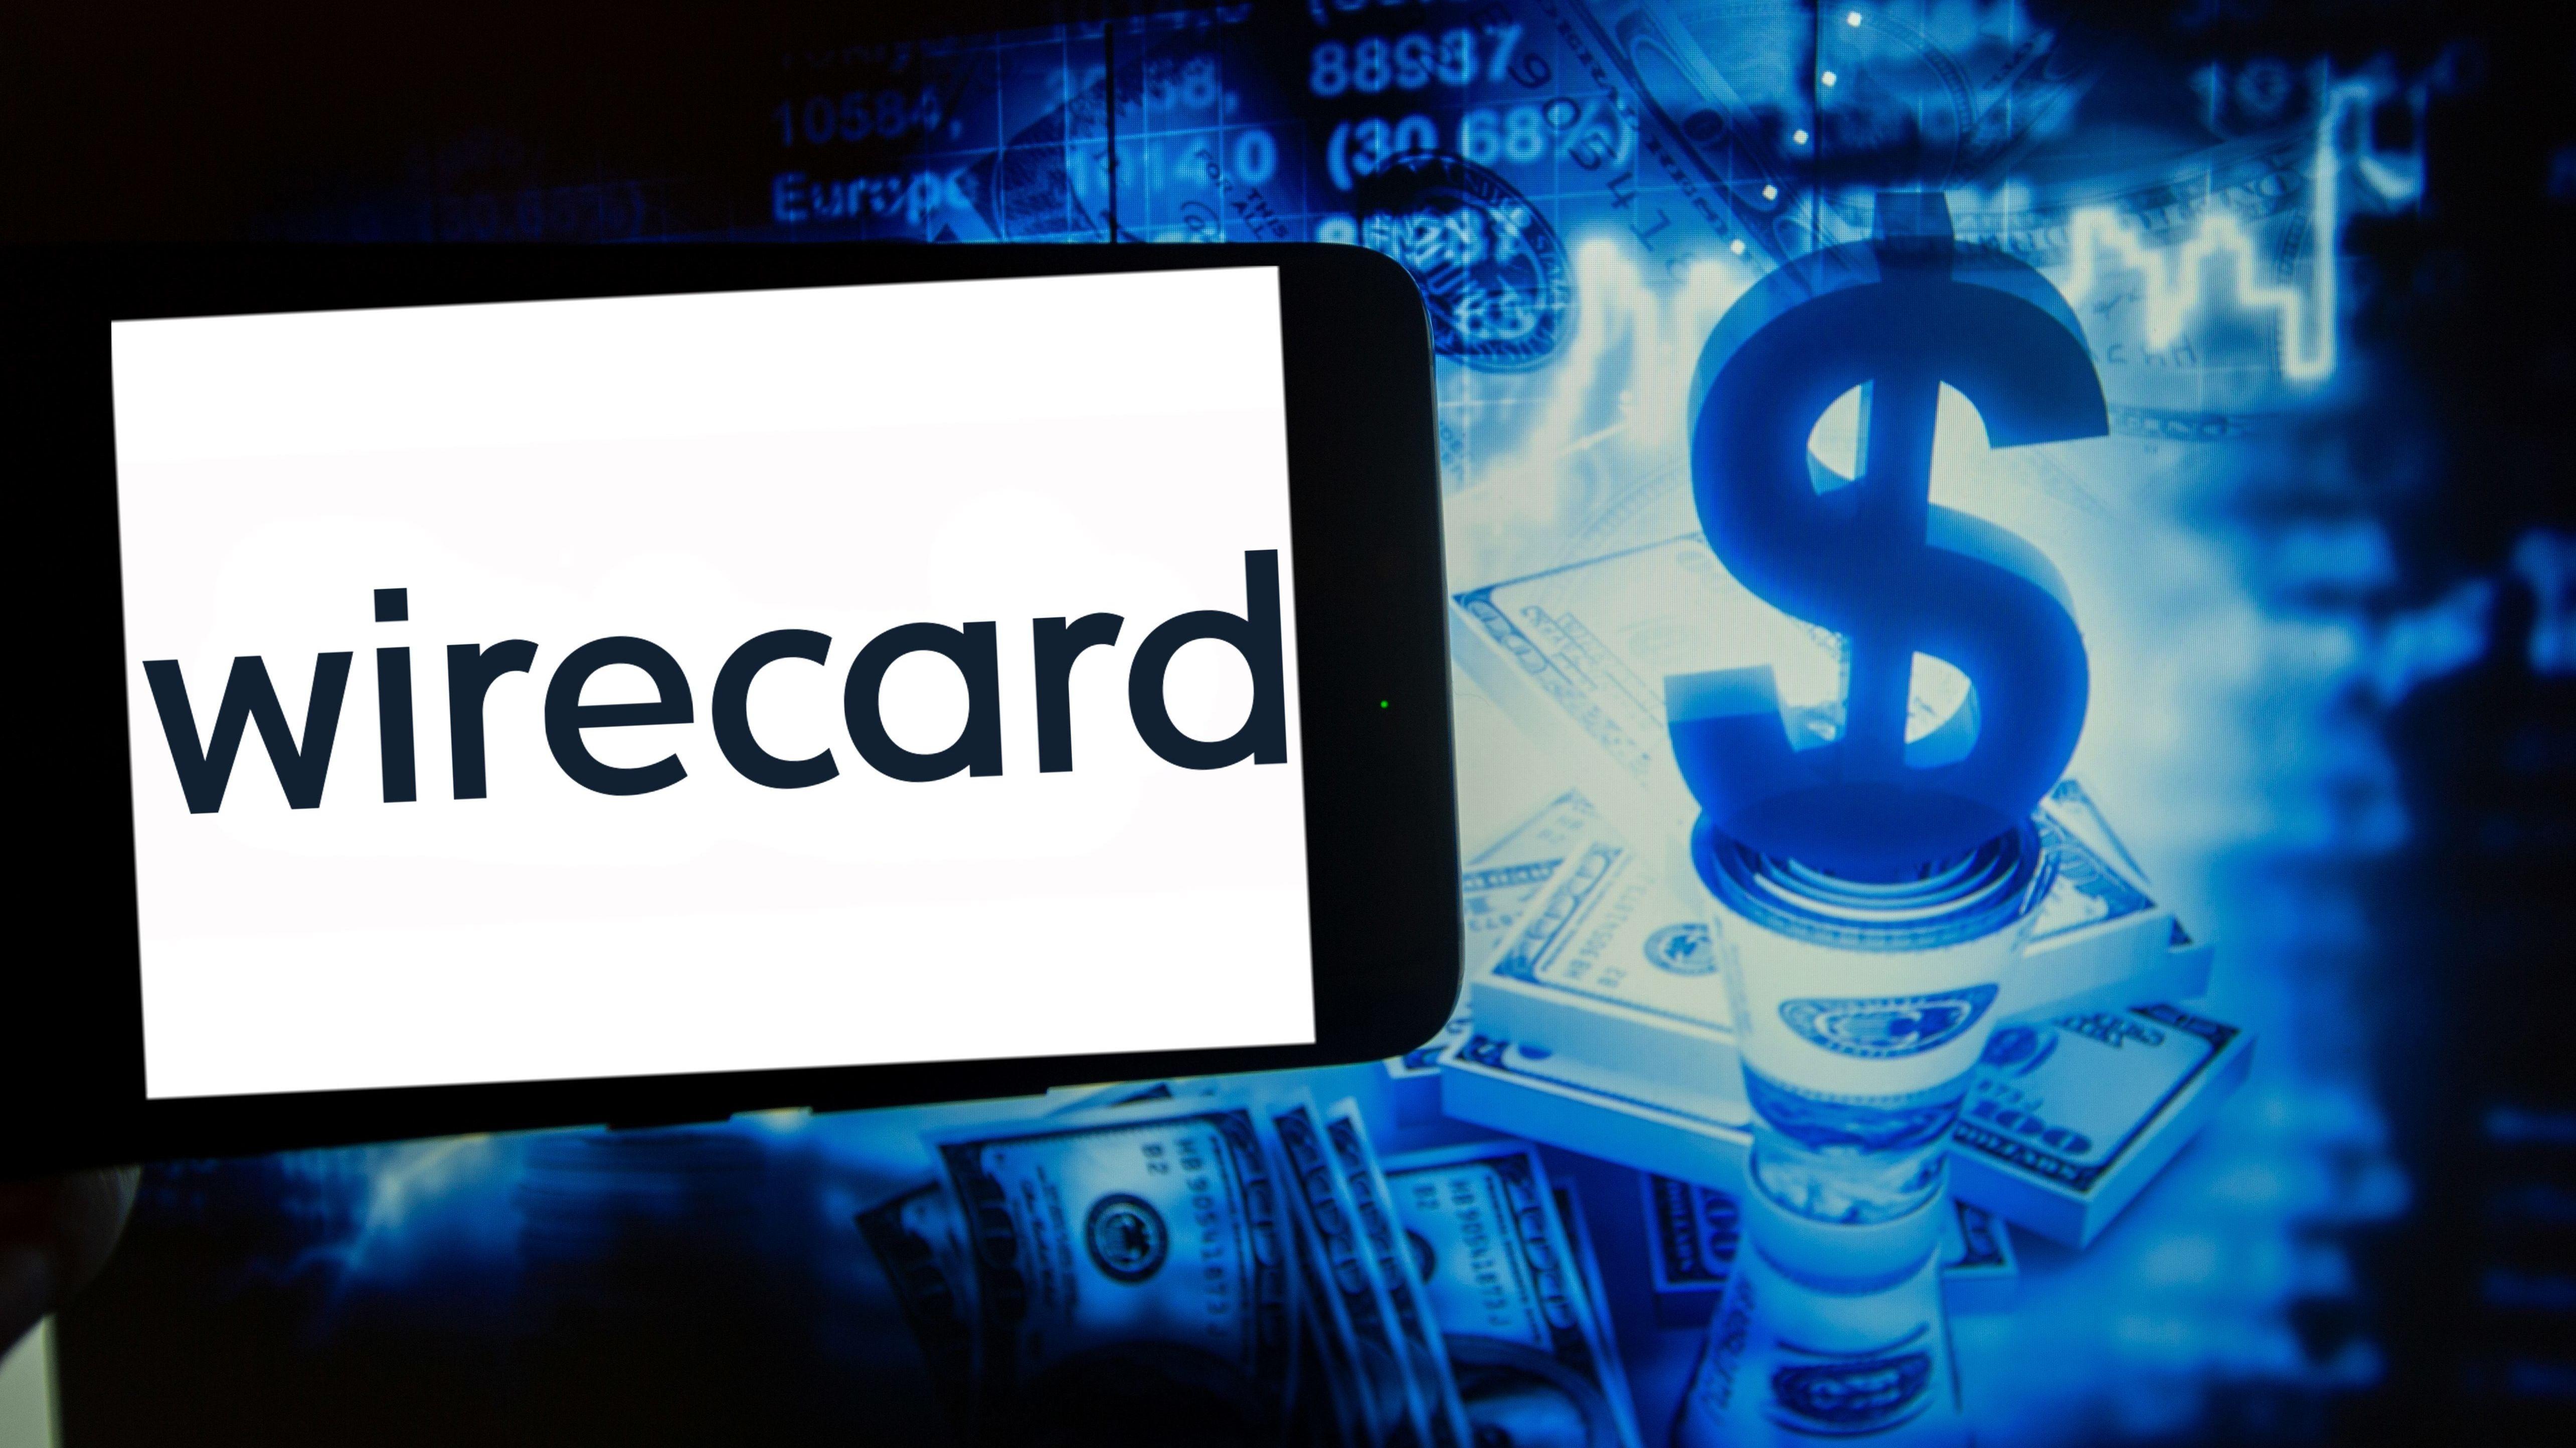 Das Logo von Wirecard - im Hintergrund ein Dollar-Zeichen